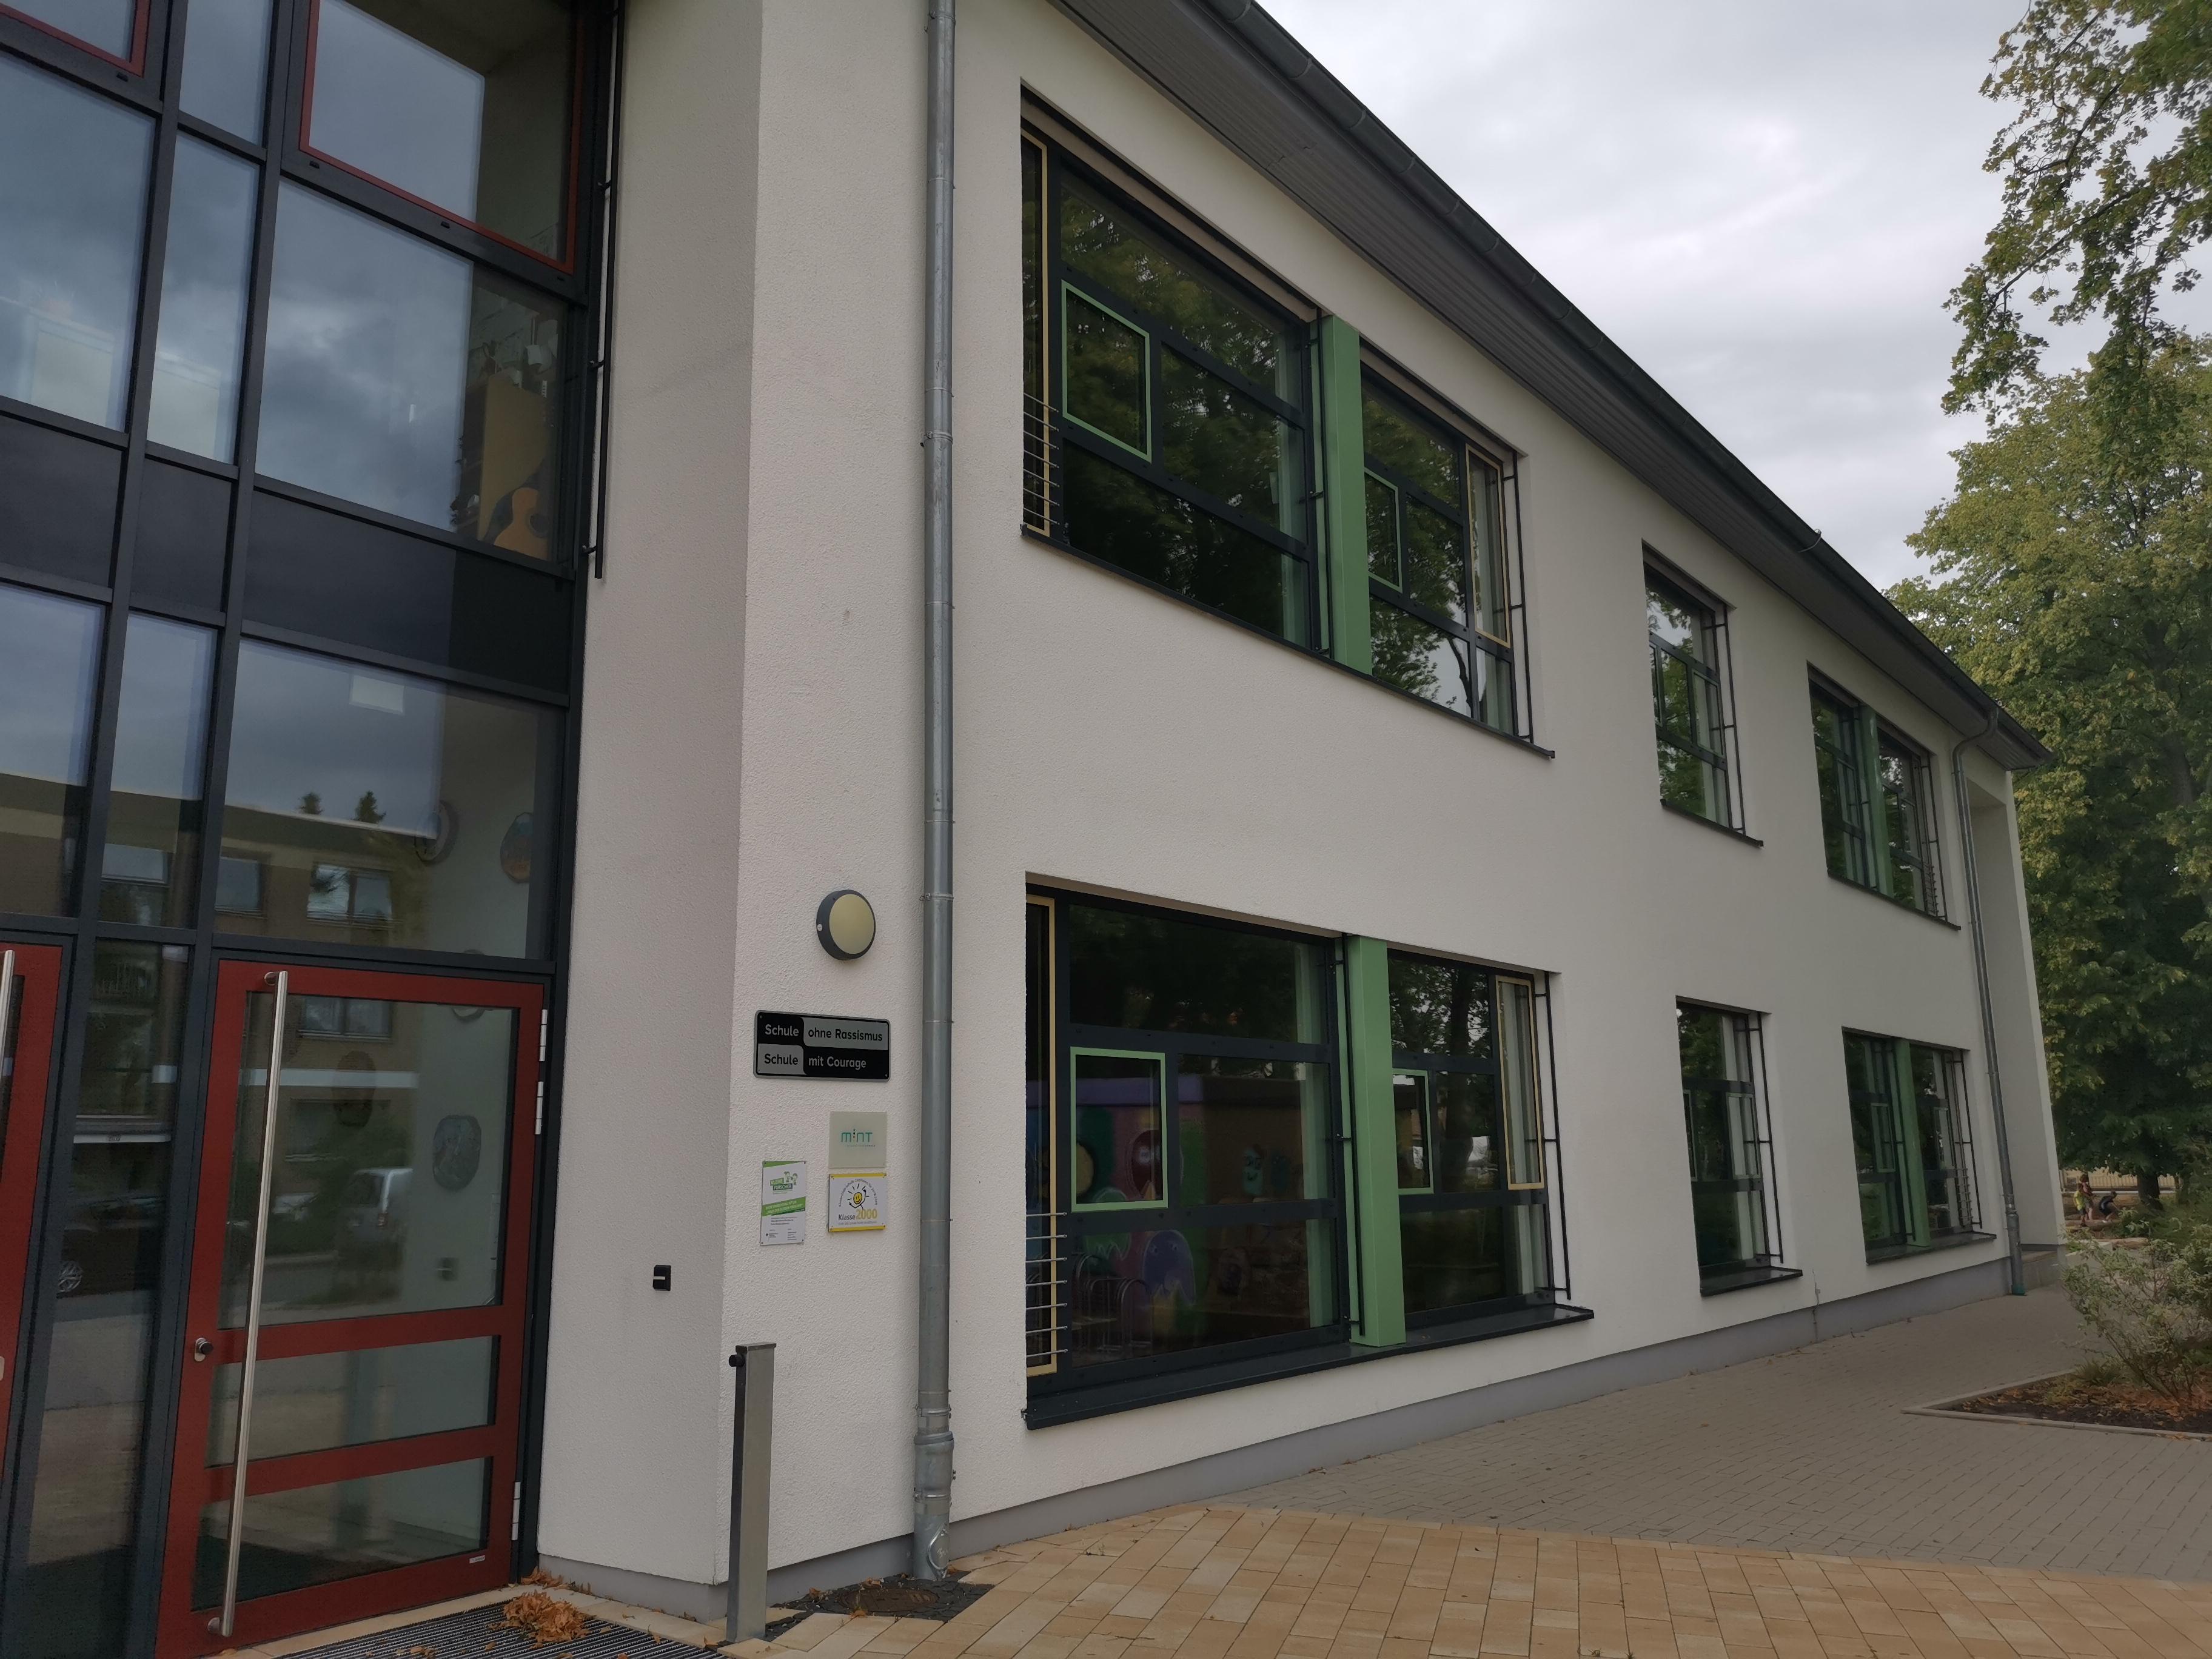 Termosistem – Școala primară Hohenstaufen, Minden, Germania